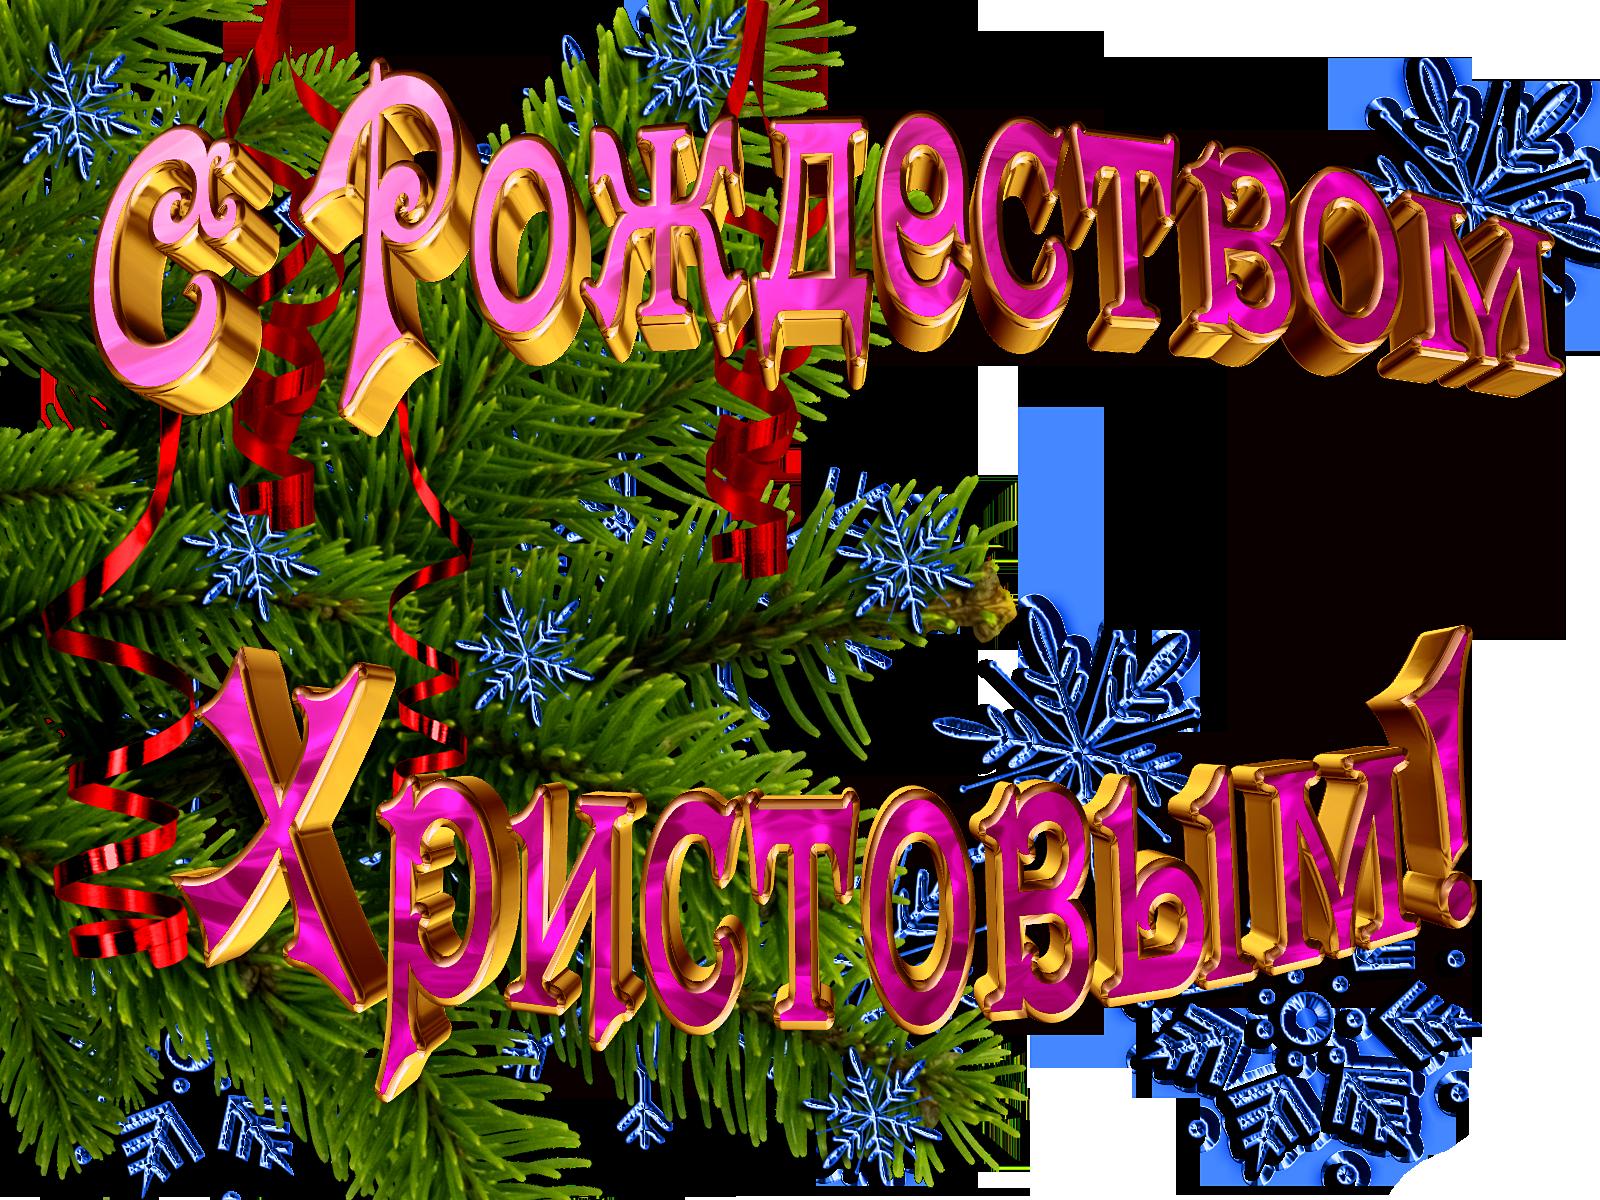 Днем рождения, красивые картинки с надписями с рождеством христовым